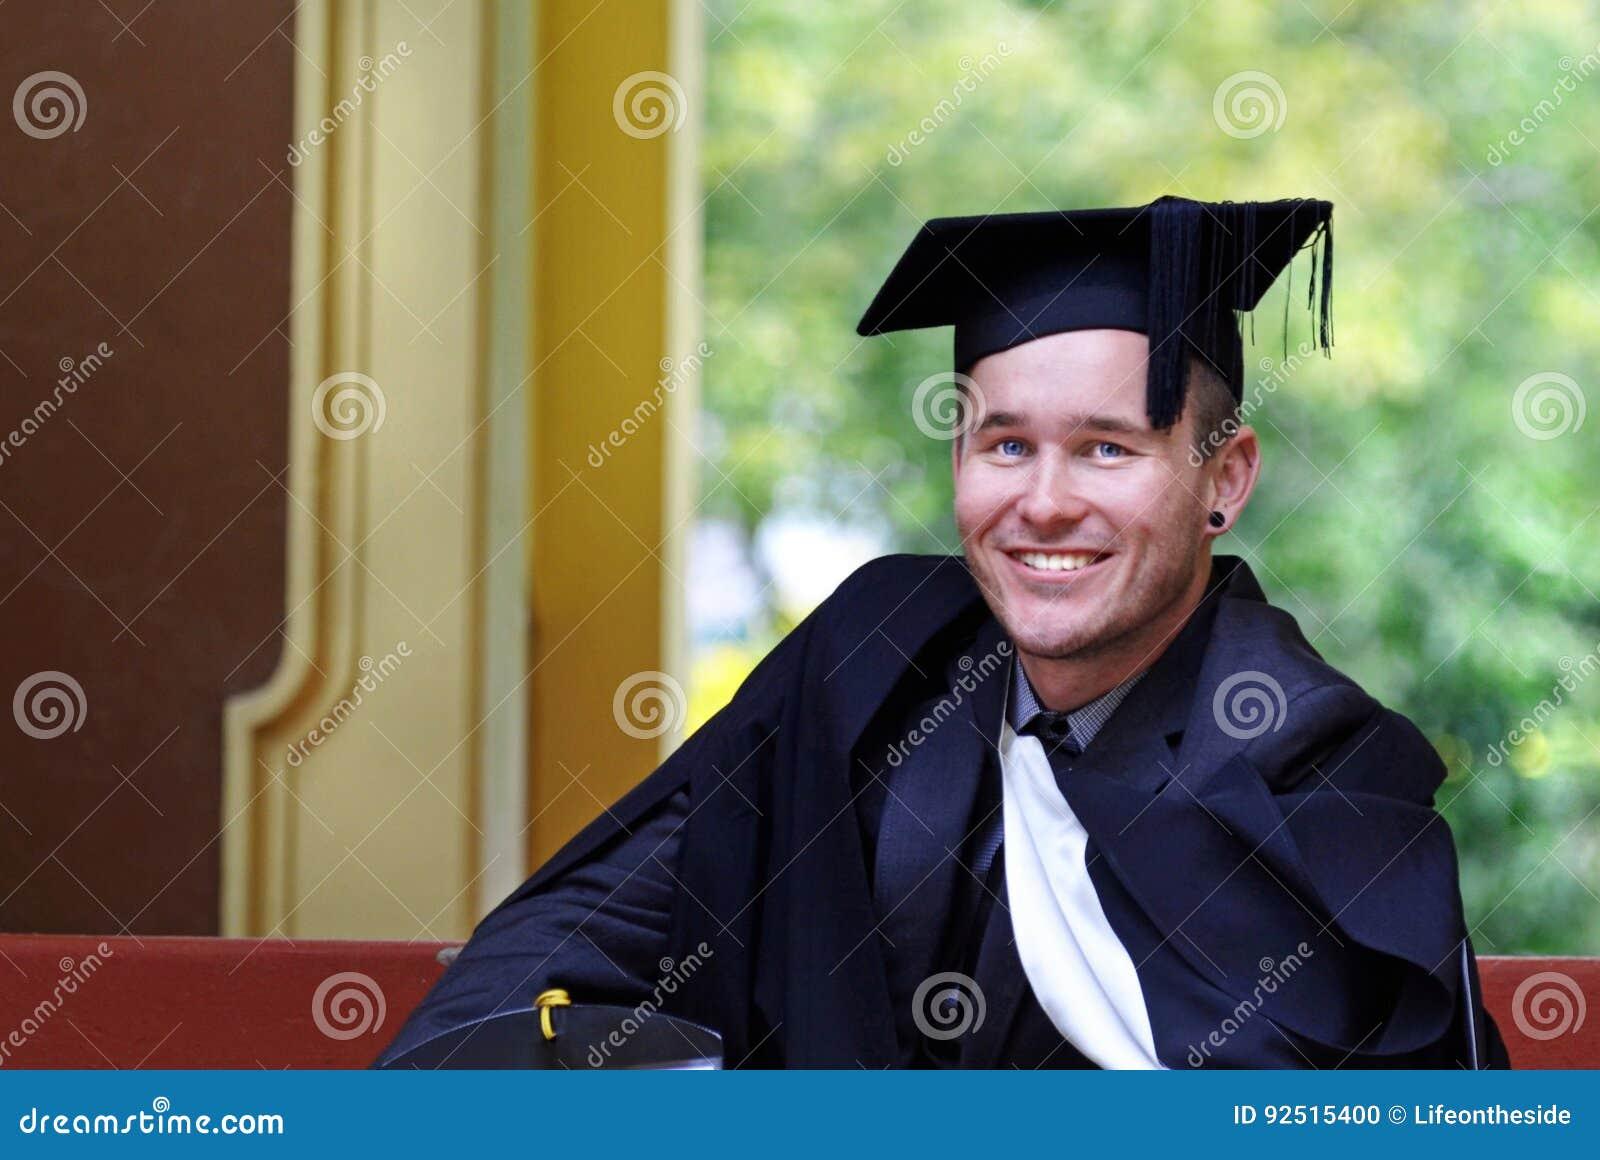 Graduado orgulloso de la universidad del hombre joven después de la ceremonia de graduación